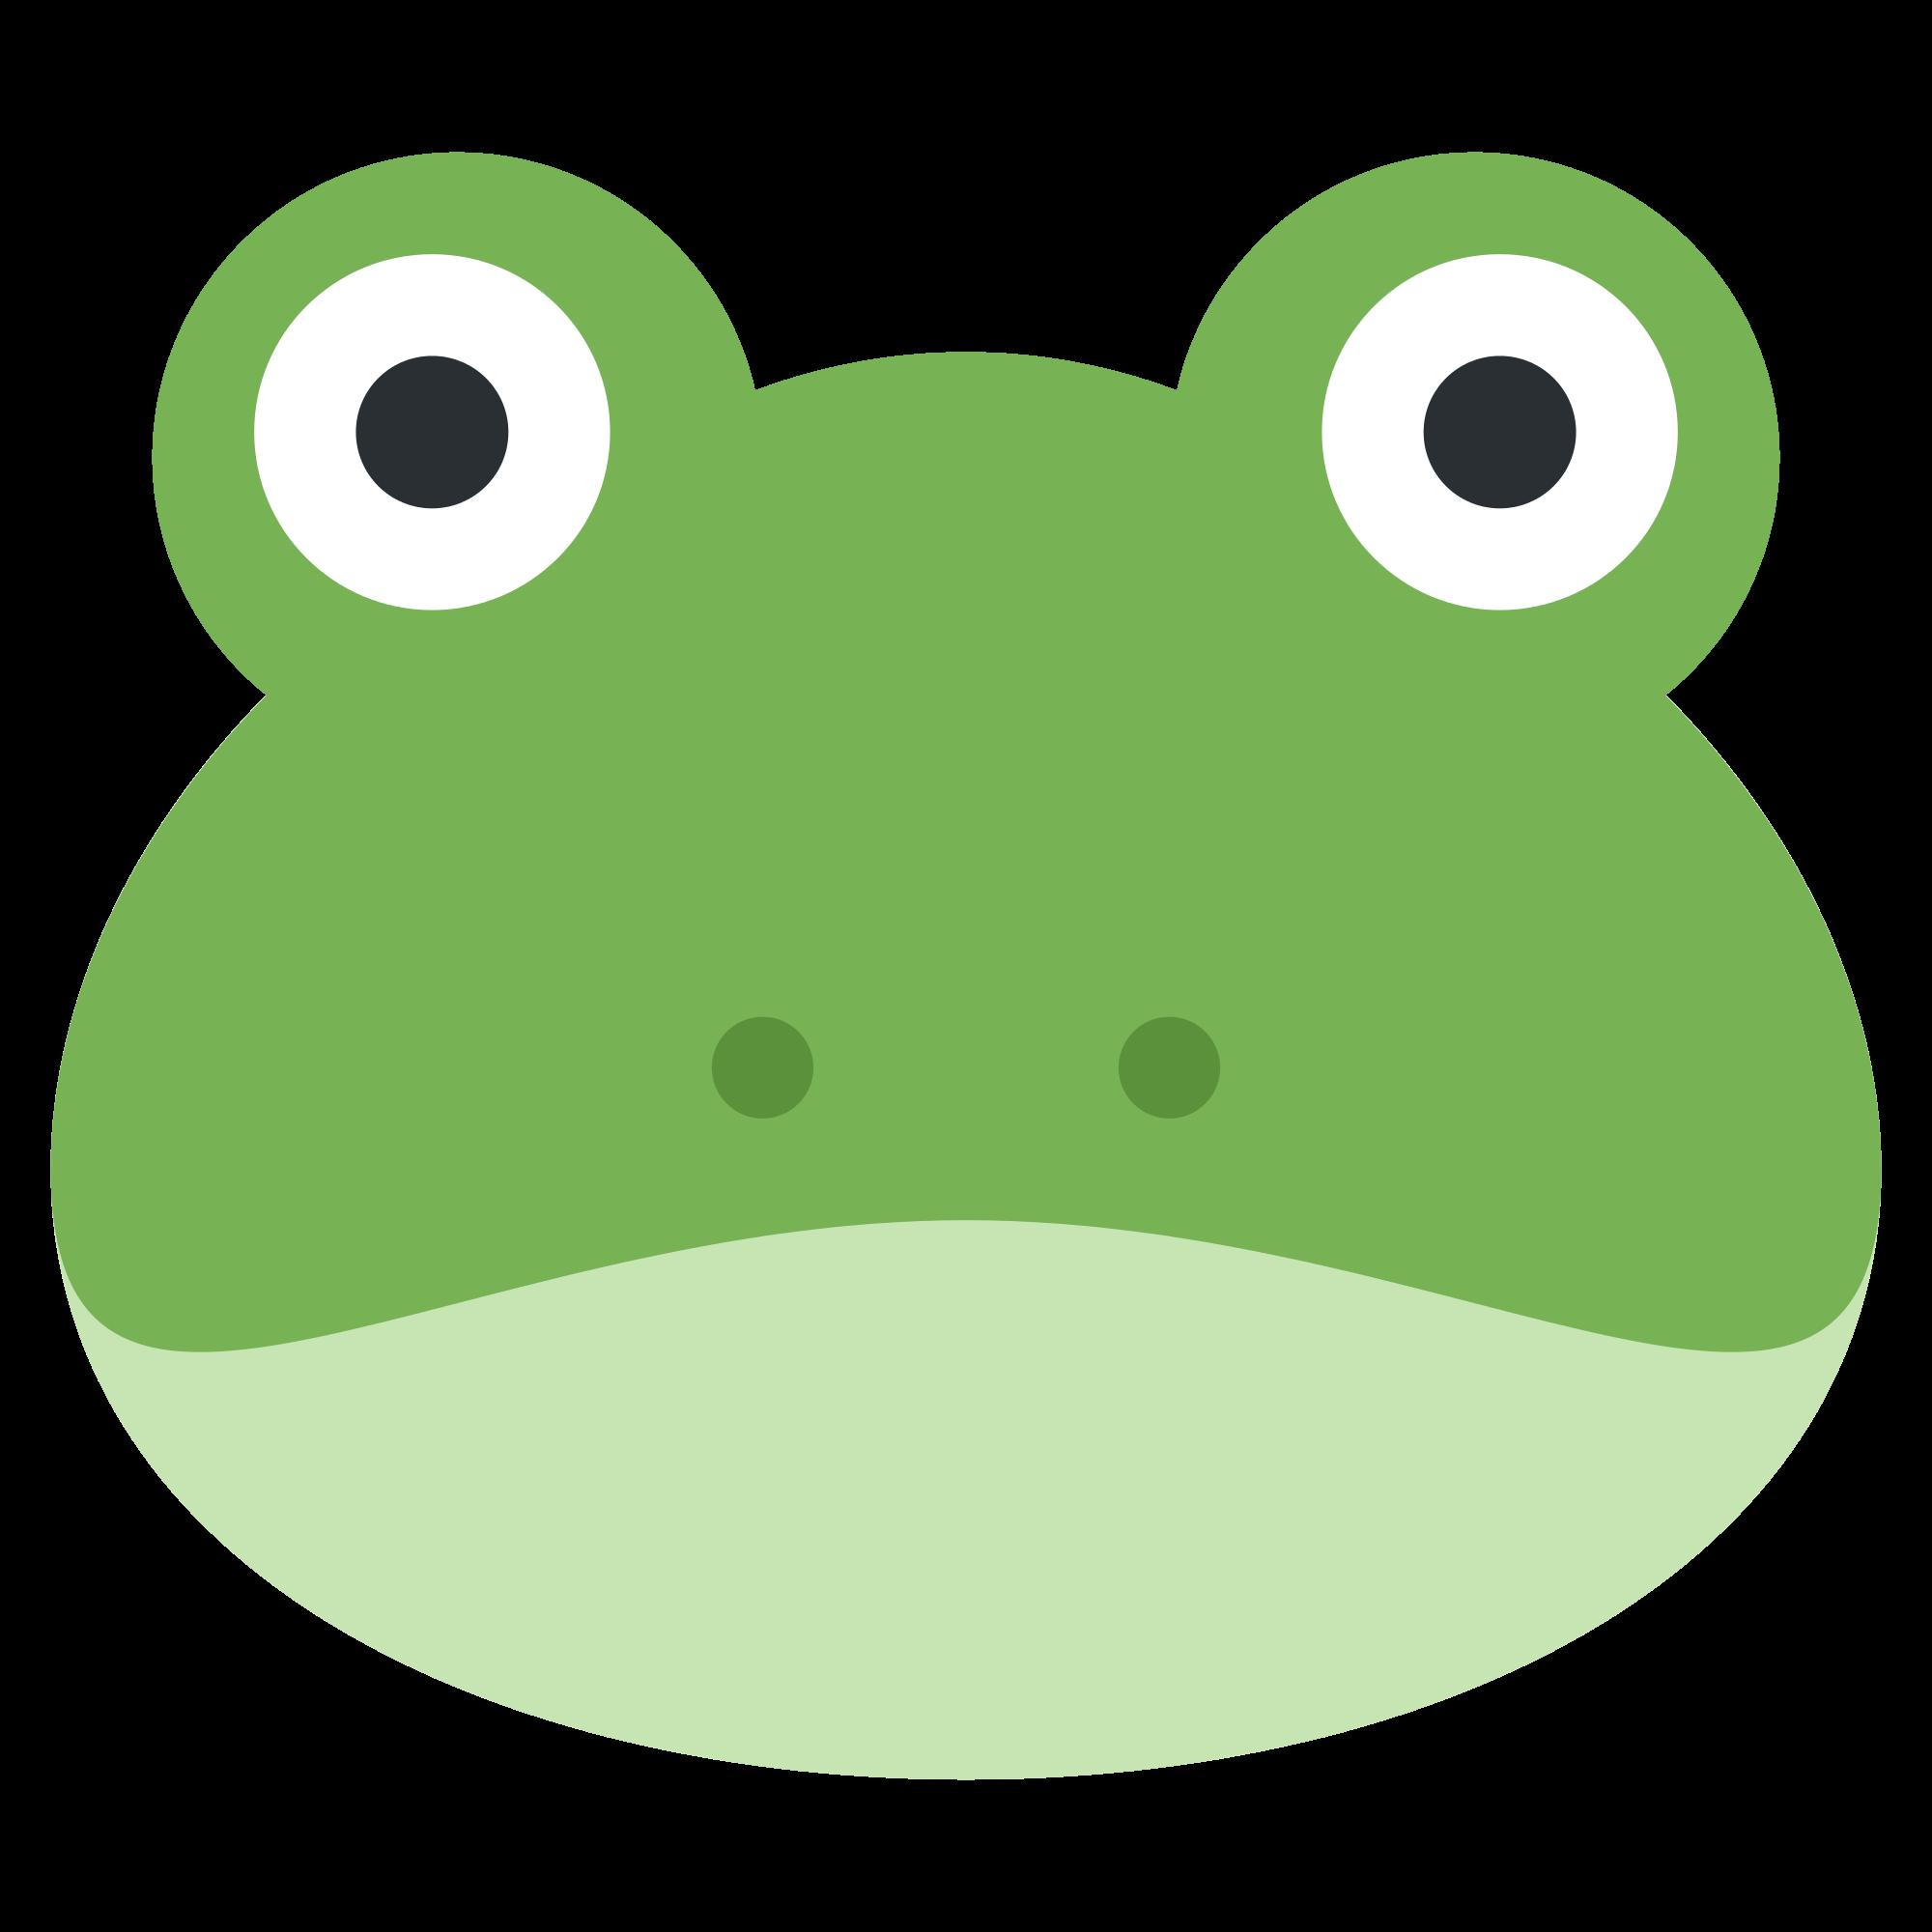 Emoji clipart frog. File twemoji f svg